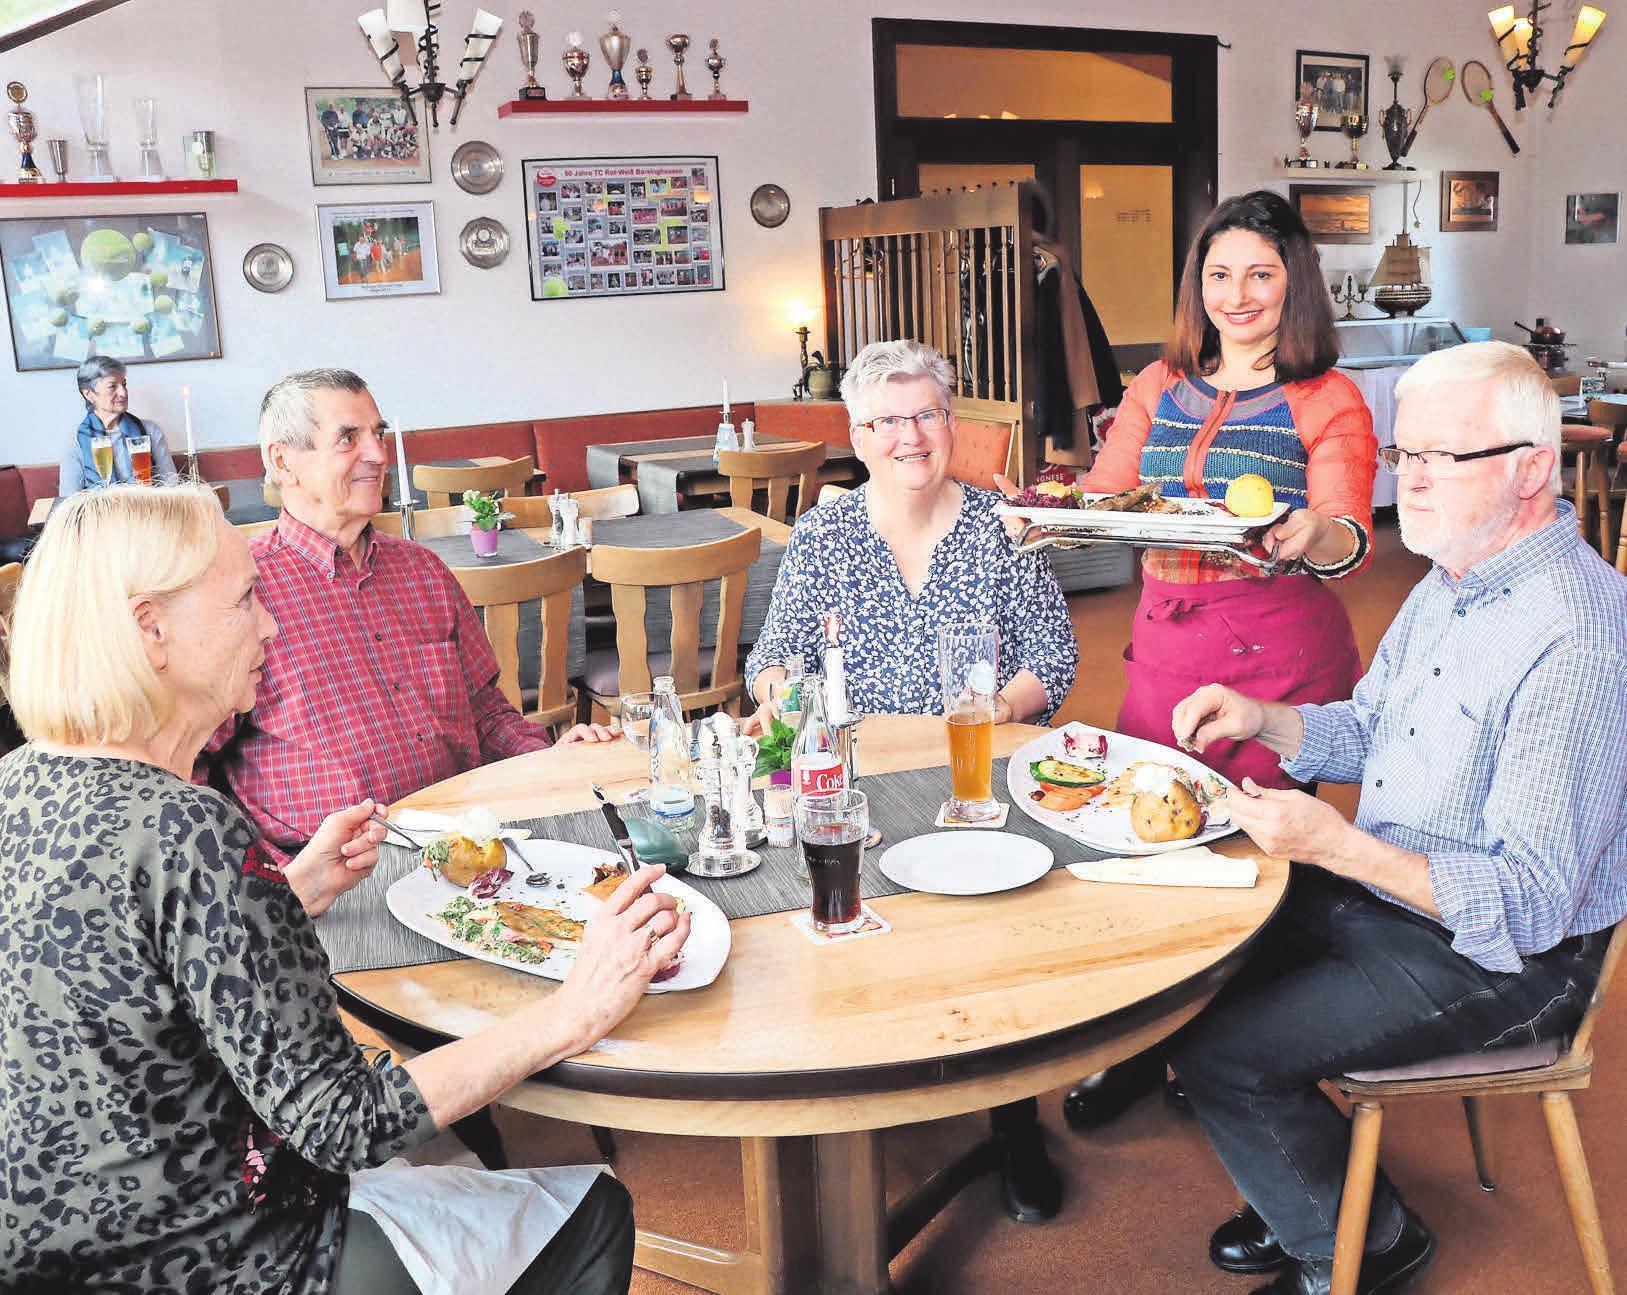 Elena serviert im Restaurant am Tennisplatz Spezialitäten wie Fisch und Ente, die von ihrem Mann Toni frisch und mit viel Lust und Liebe zubereitet werden.